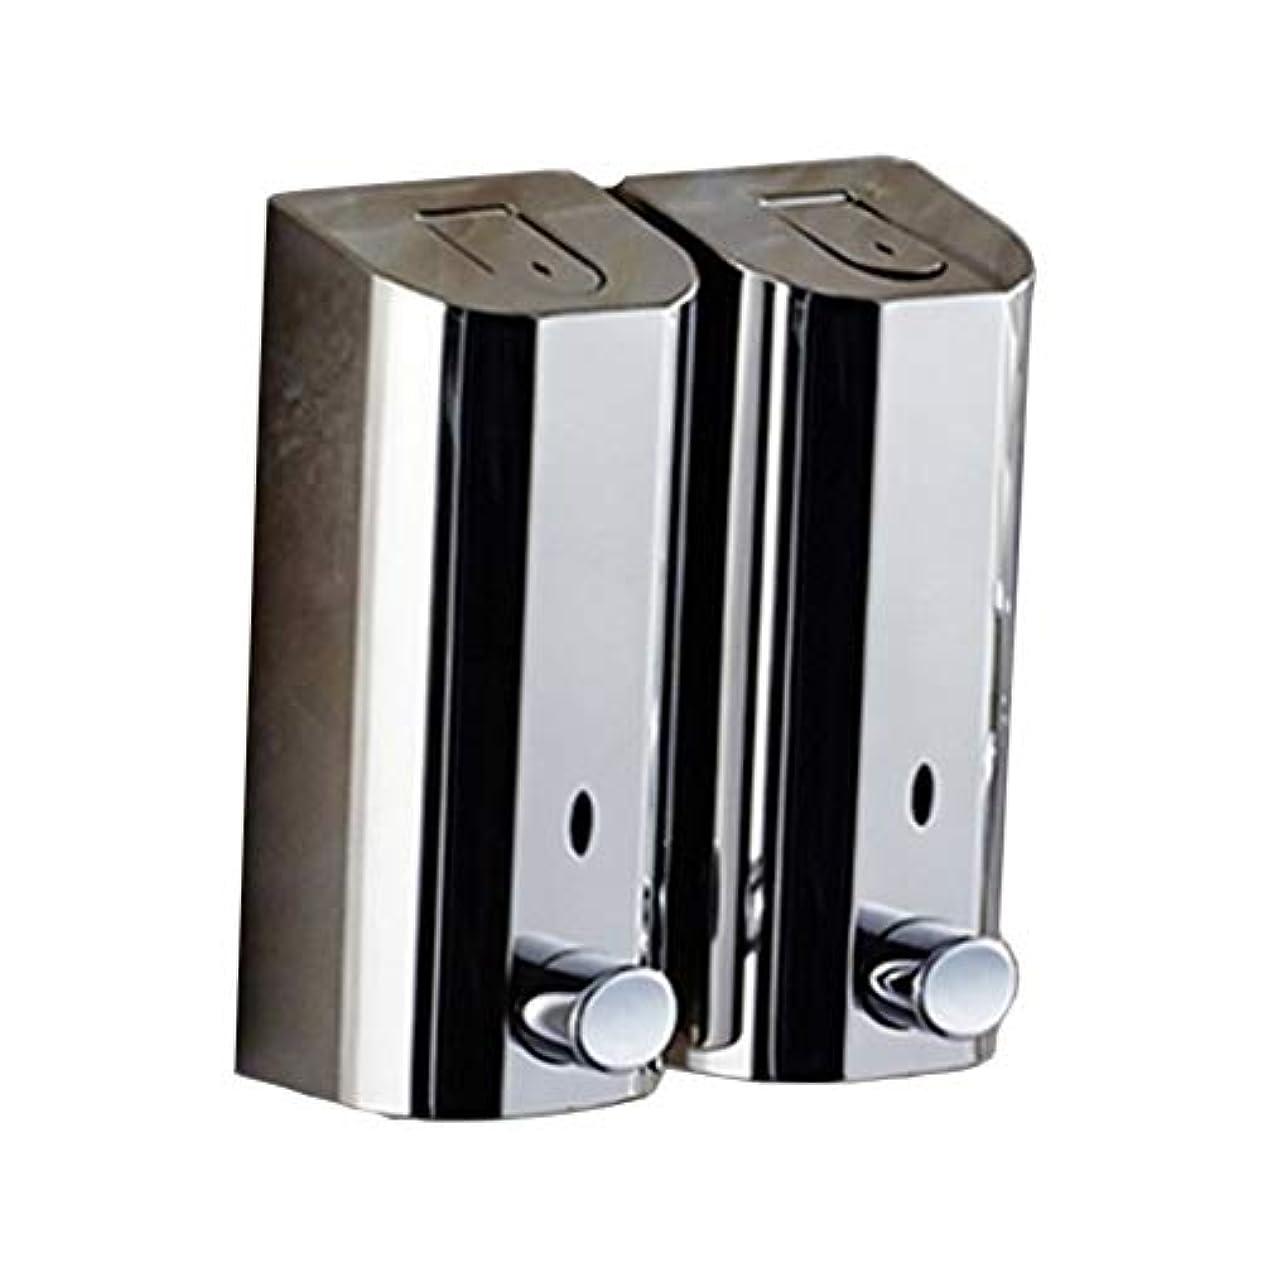 Kylinssh ダブルソープディスペンサー、500ミリリットル* 2自動液体ディスペンサー、防水、漏れ防止、子供のためのタッチレスソープディスペンサー、キッチン、バスルーム